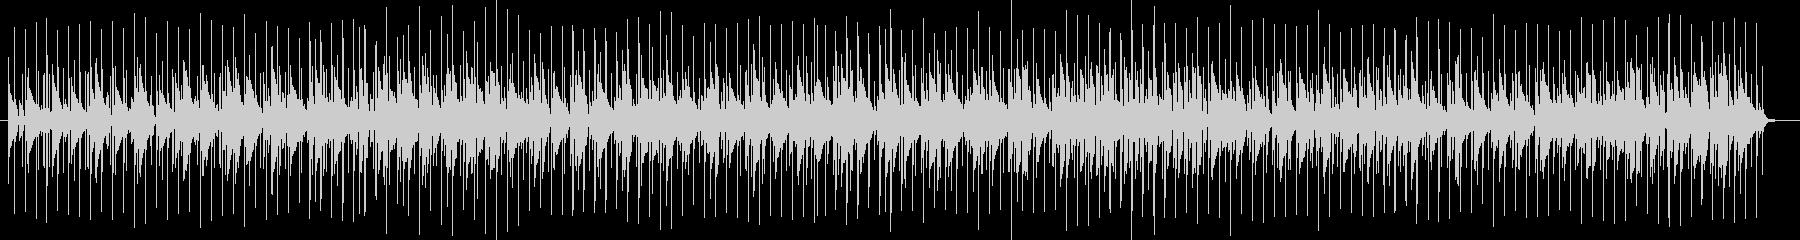 ドラムとピアノの軽やかなBGMの未再生の波形